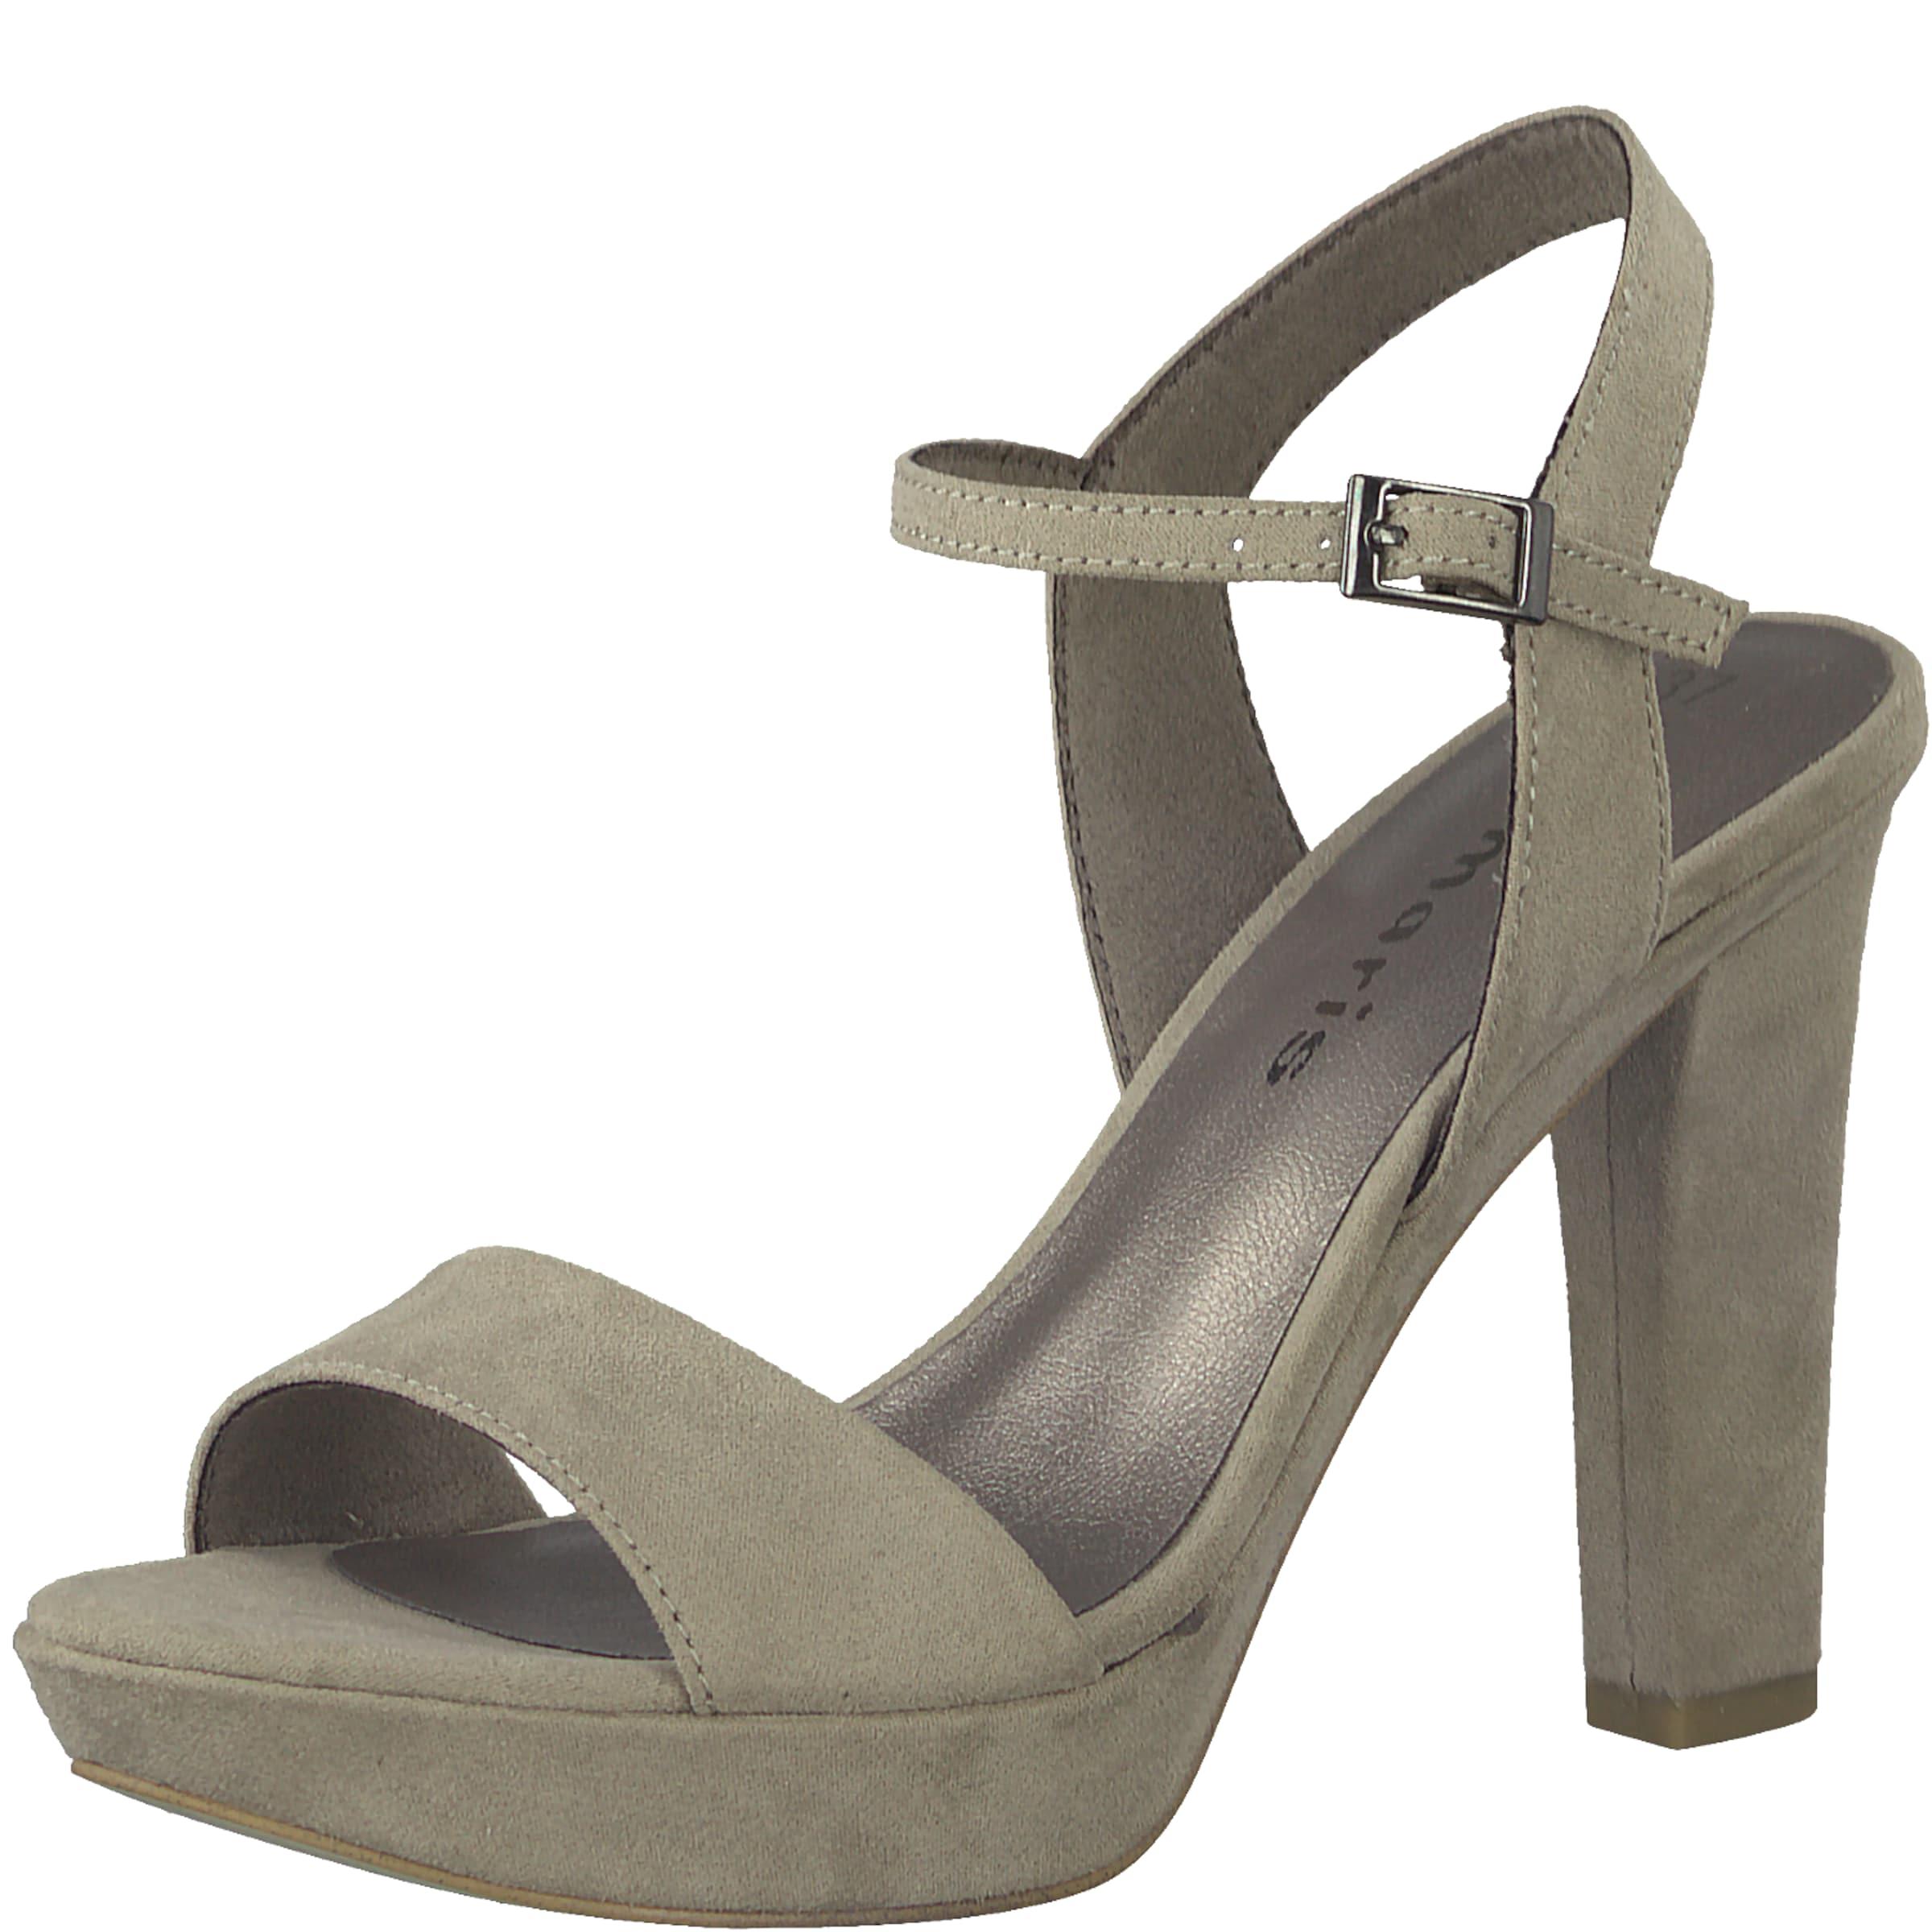 Sandales Avec Tamaris Gris De Sangle unajhO